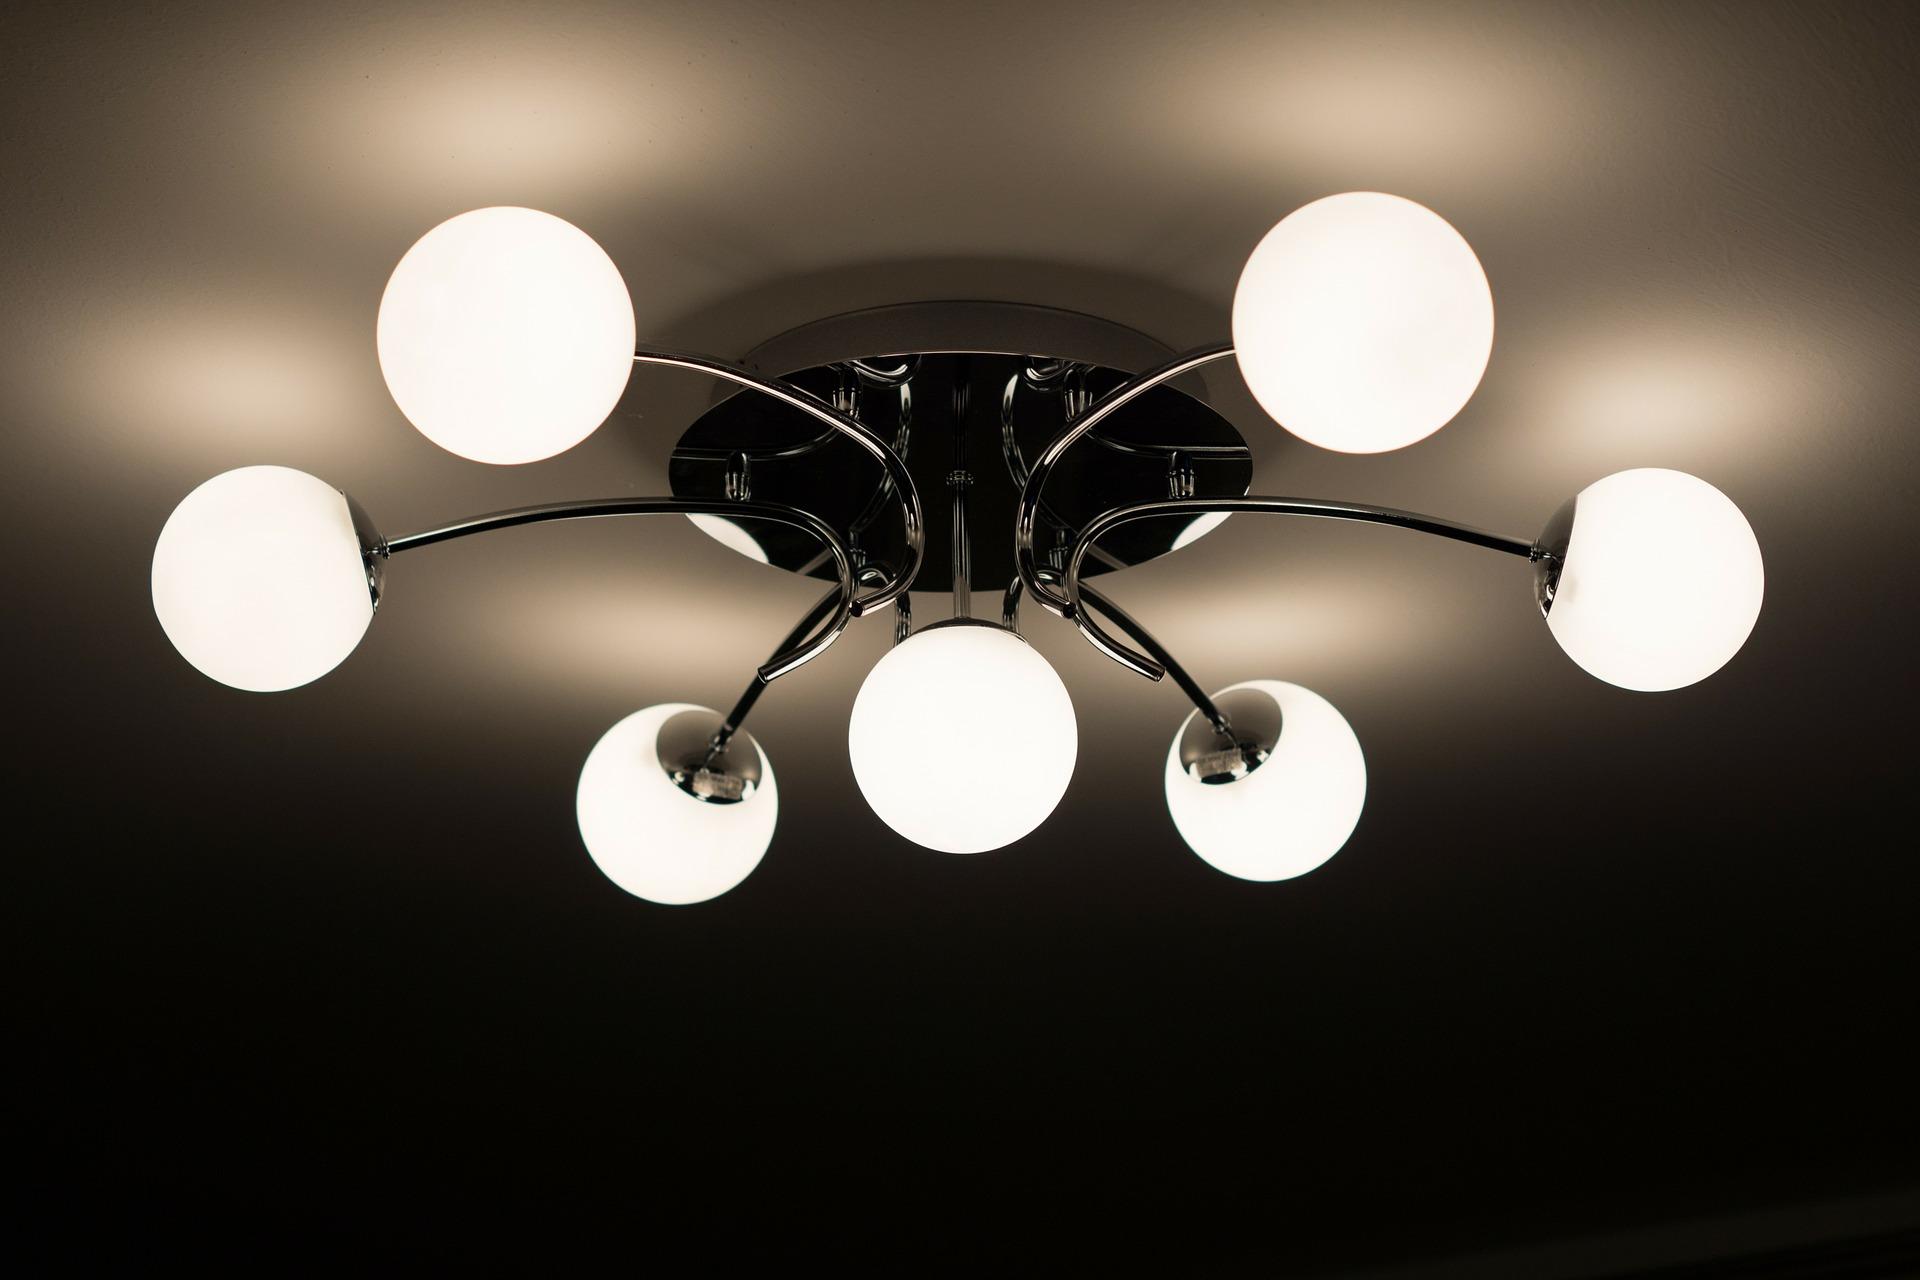 Acabamento do imóvel: iluminação diferenciada